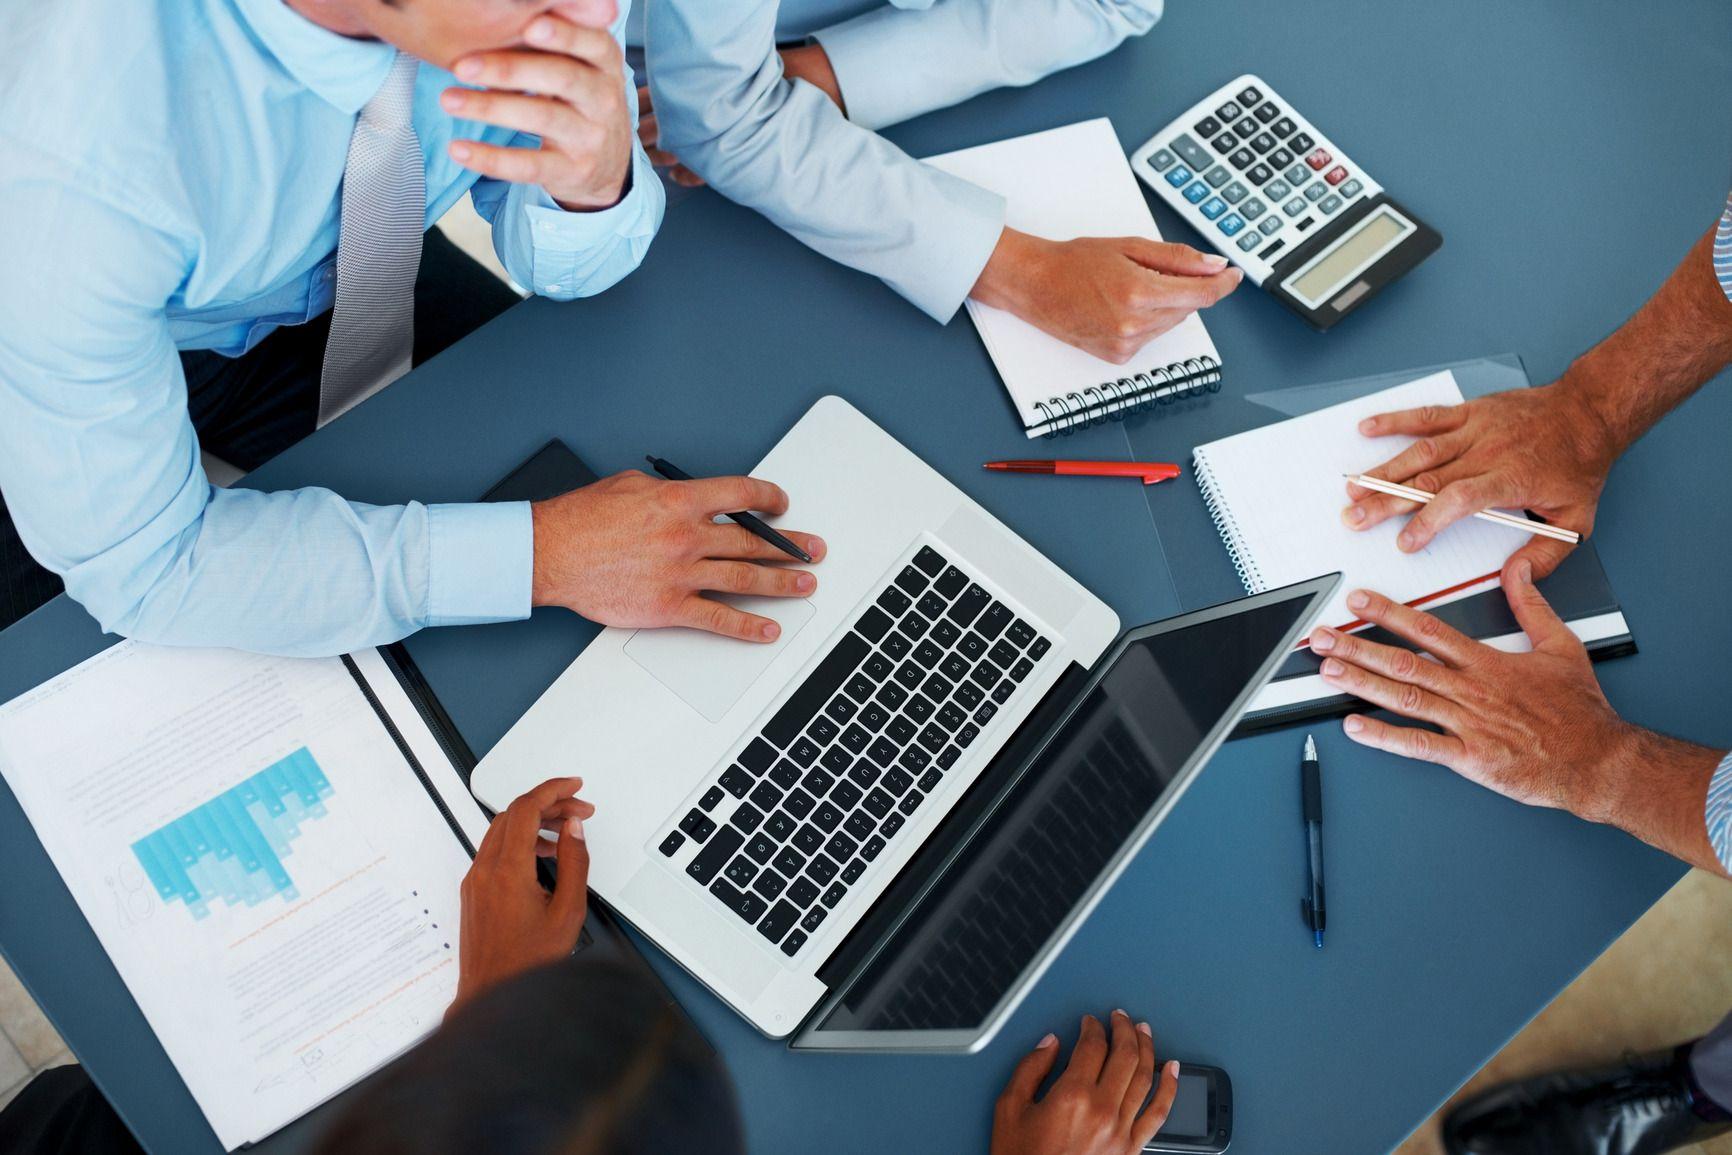 Business Meeting Wallpaper Wallpapersafari отчетность